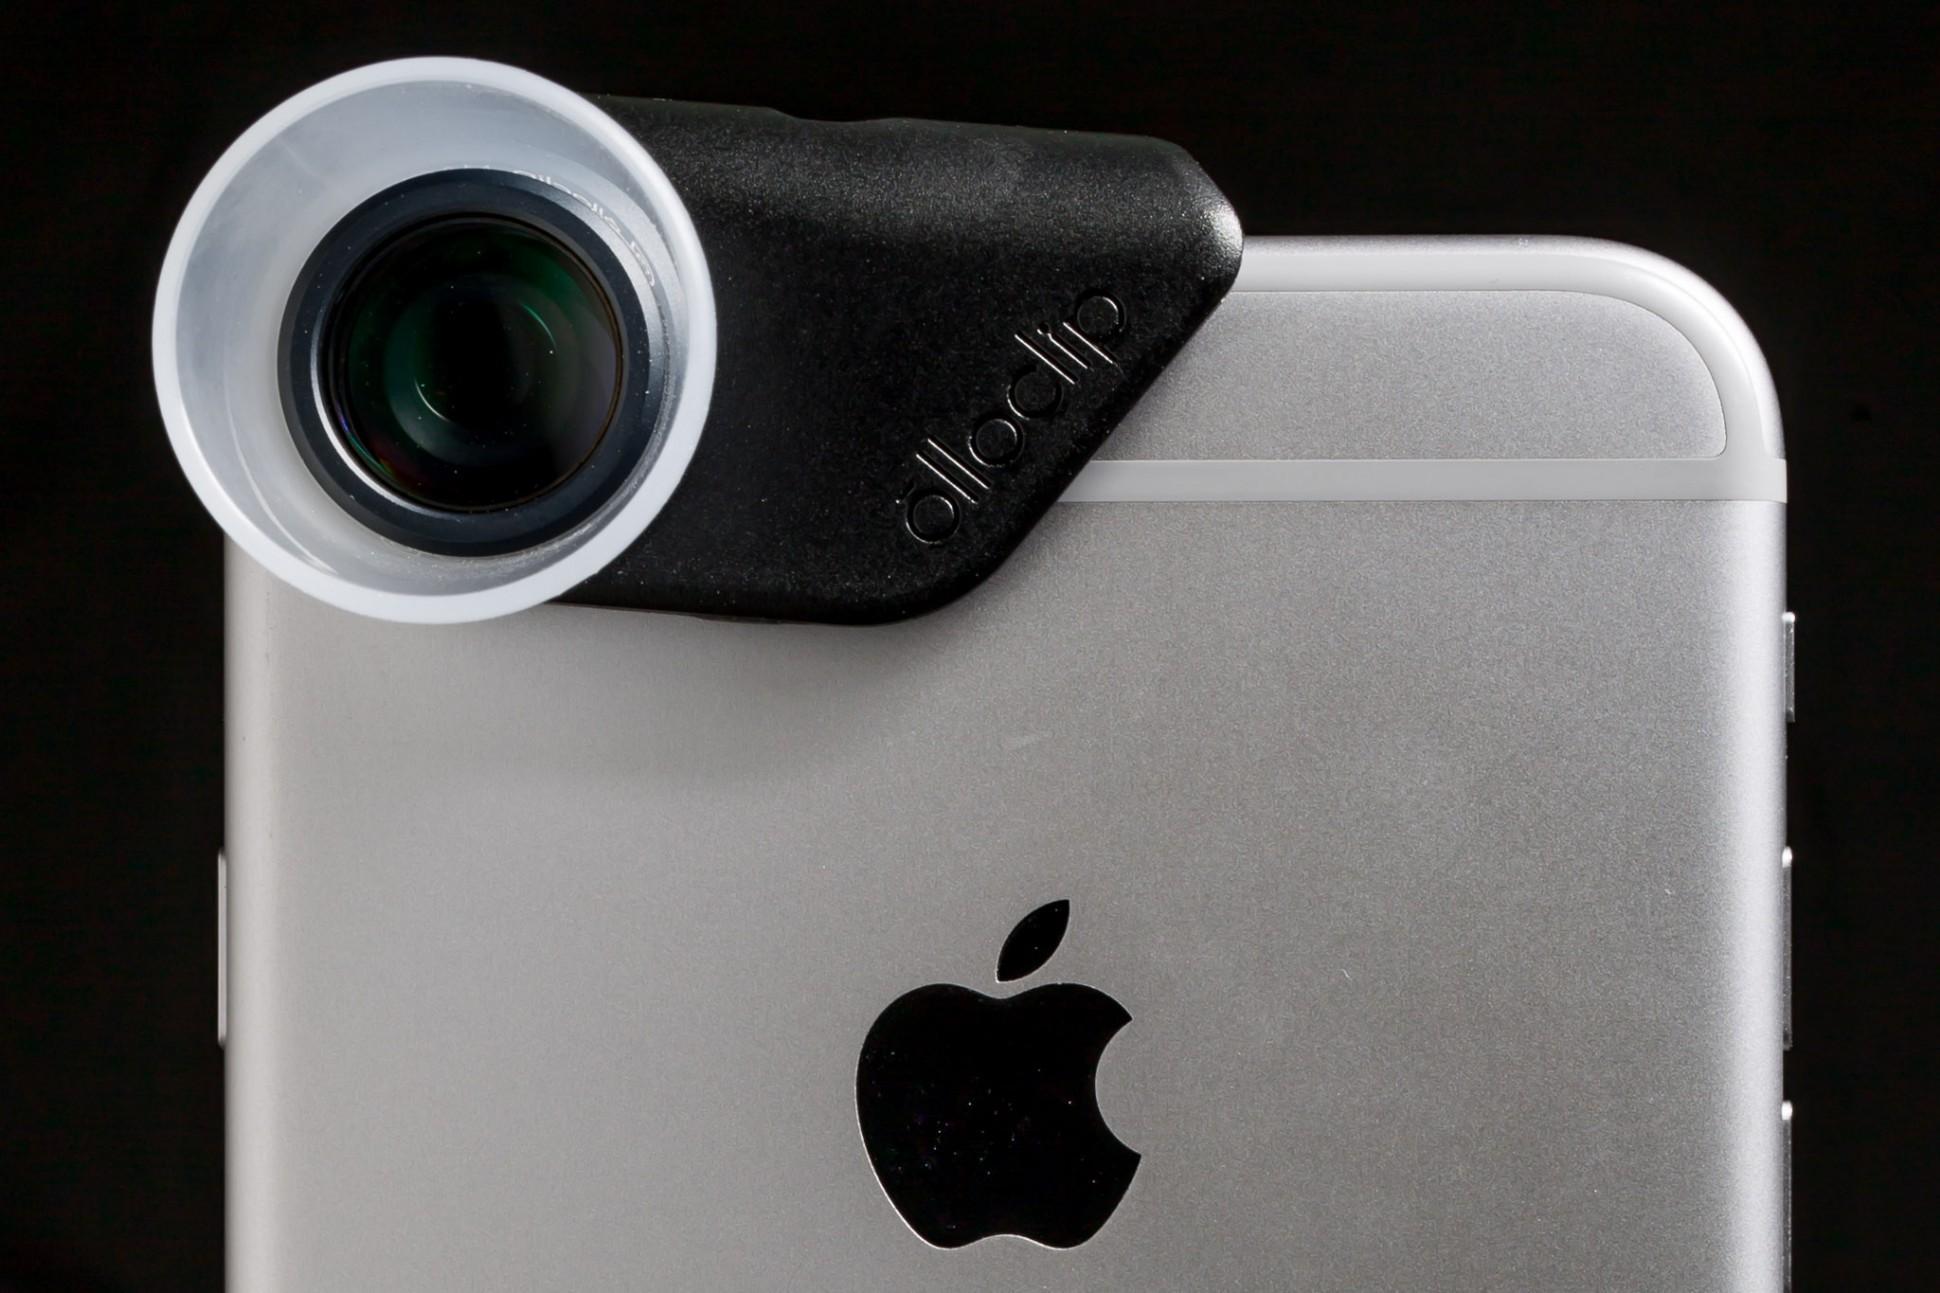 olloclip iphone 6s plus review